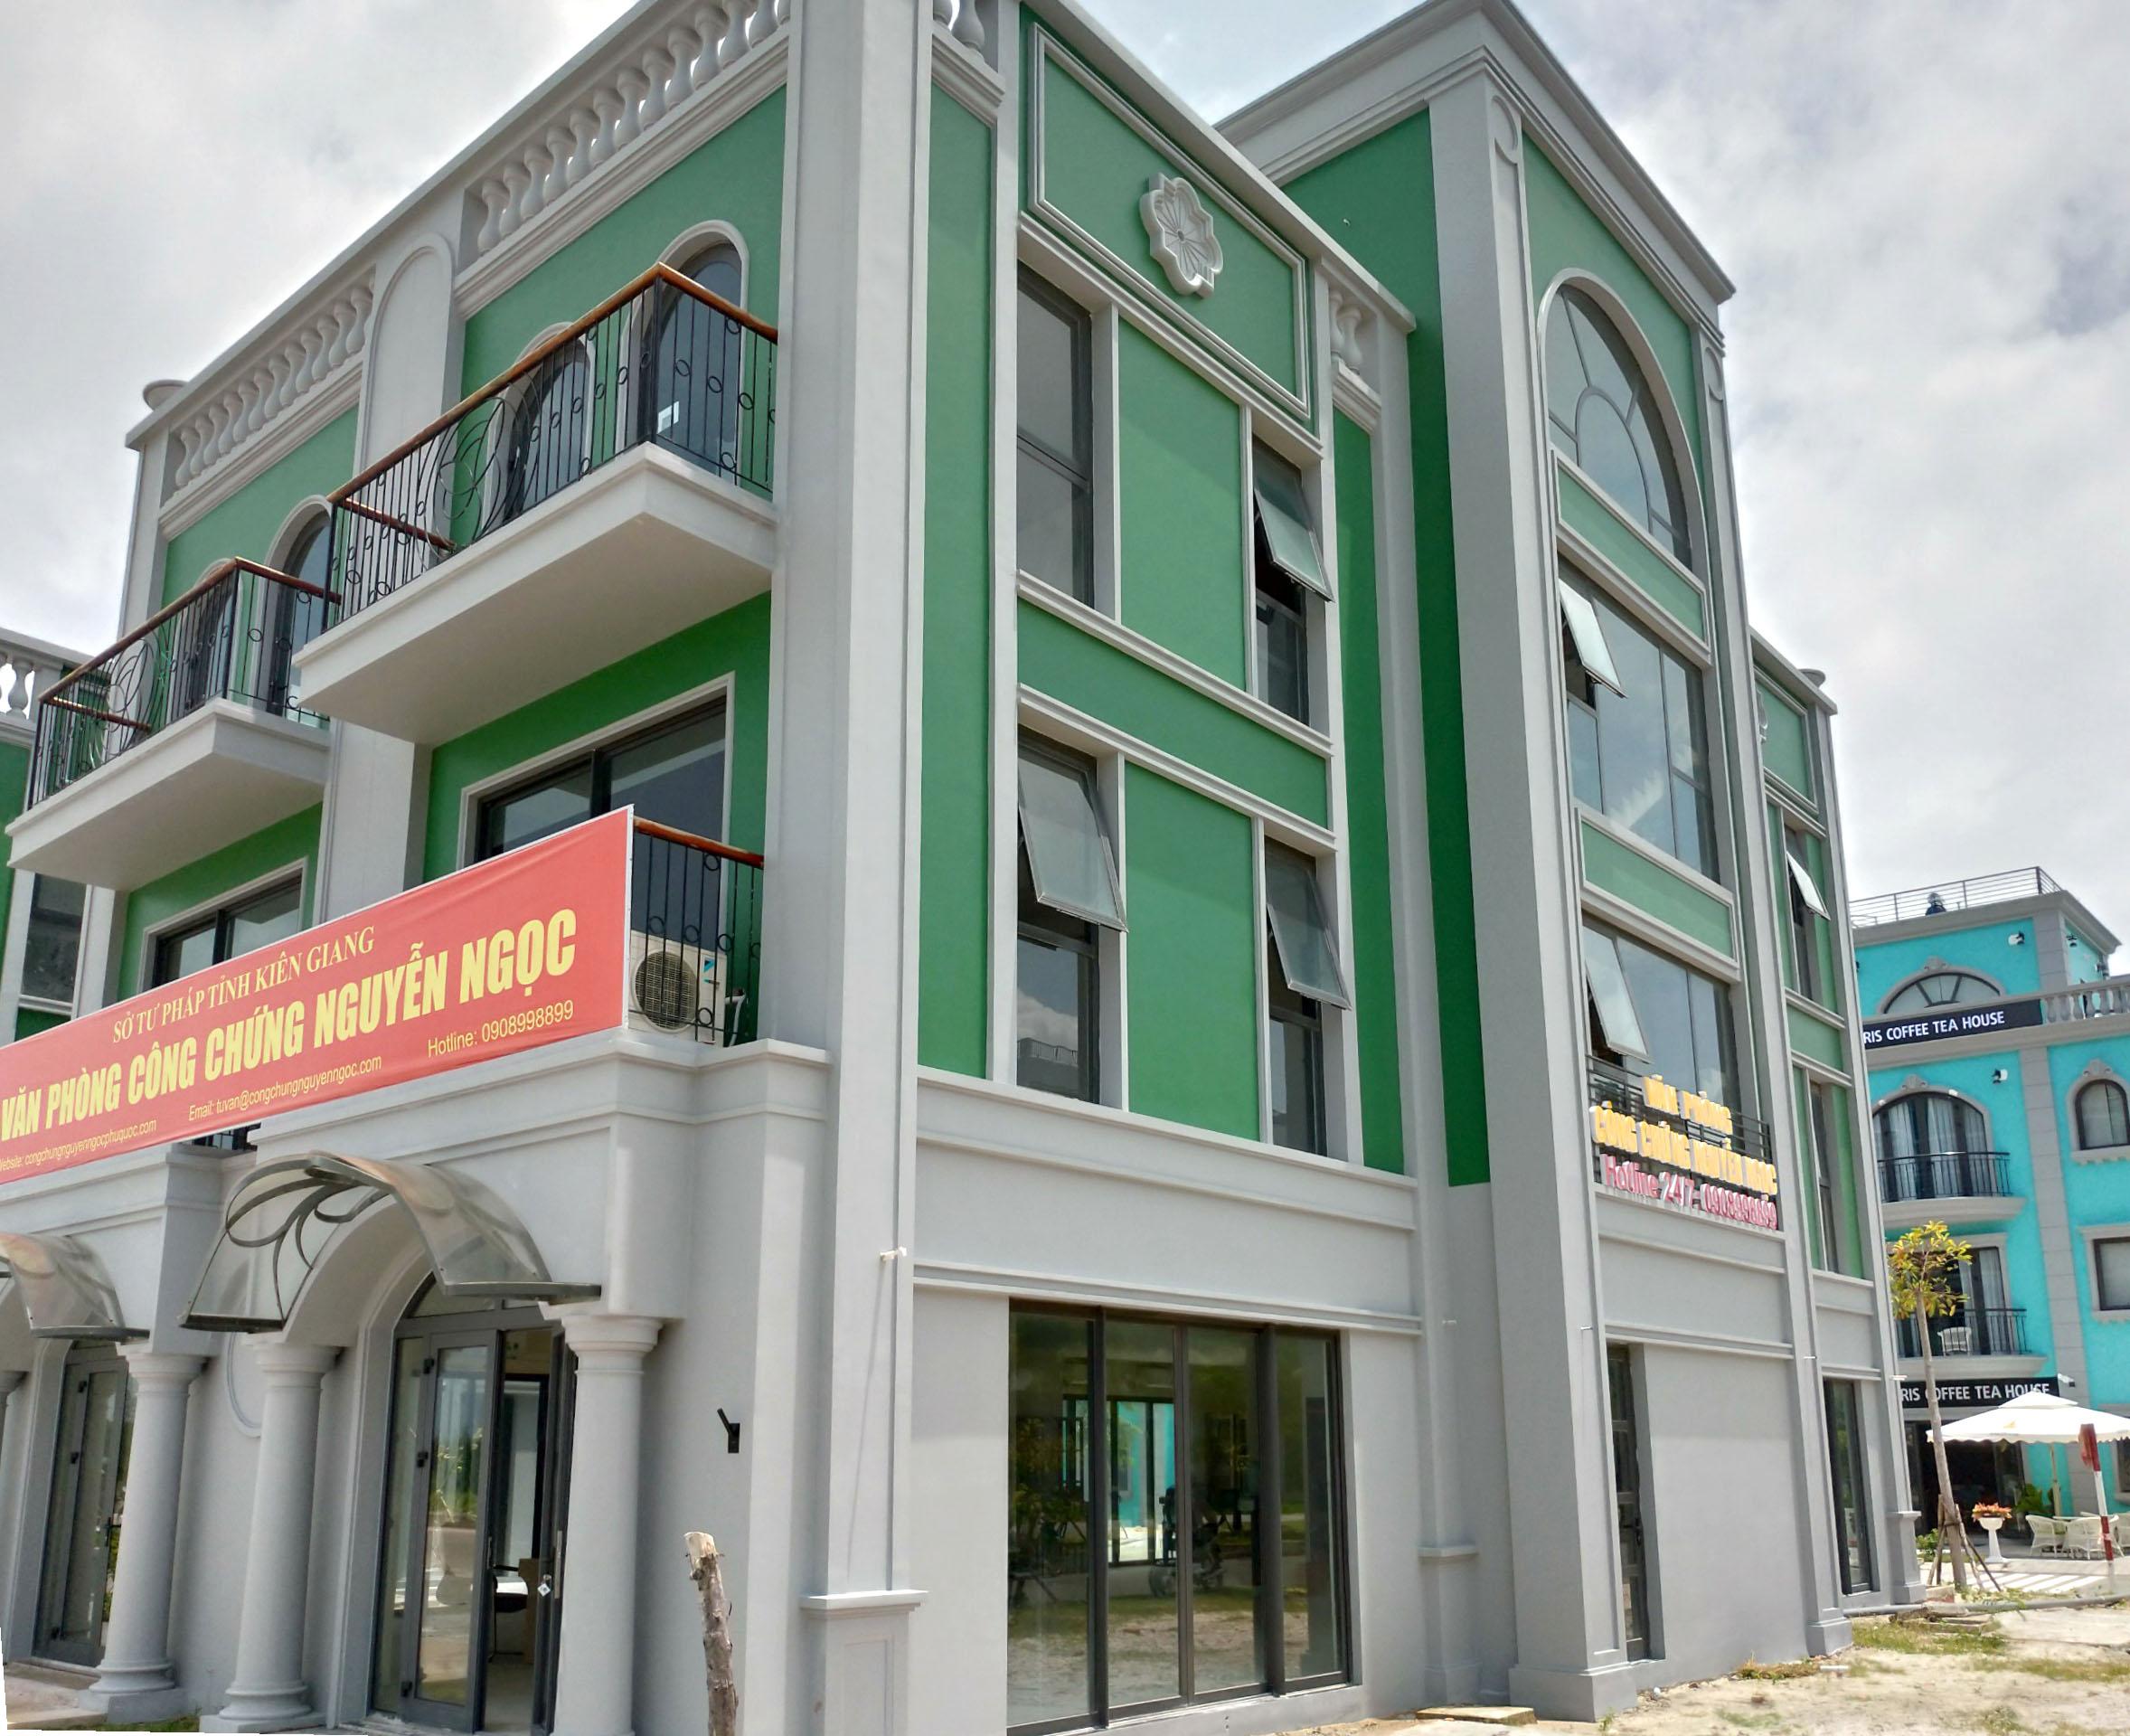 Văn phòng Công chứng Nguyễn Ngọc